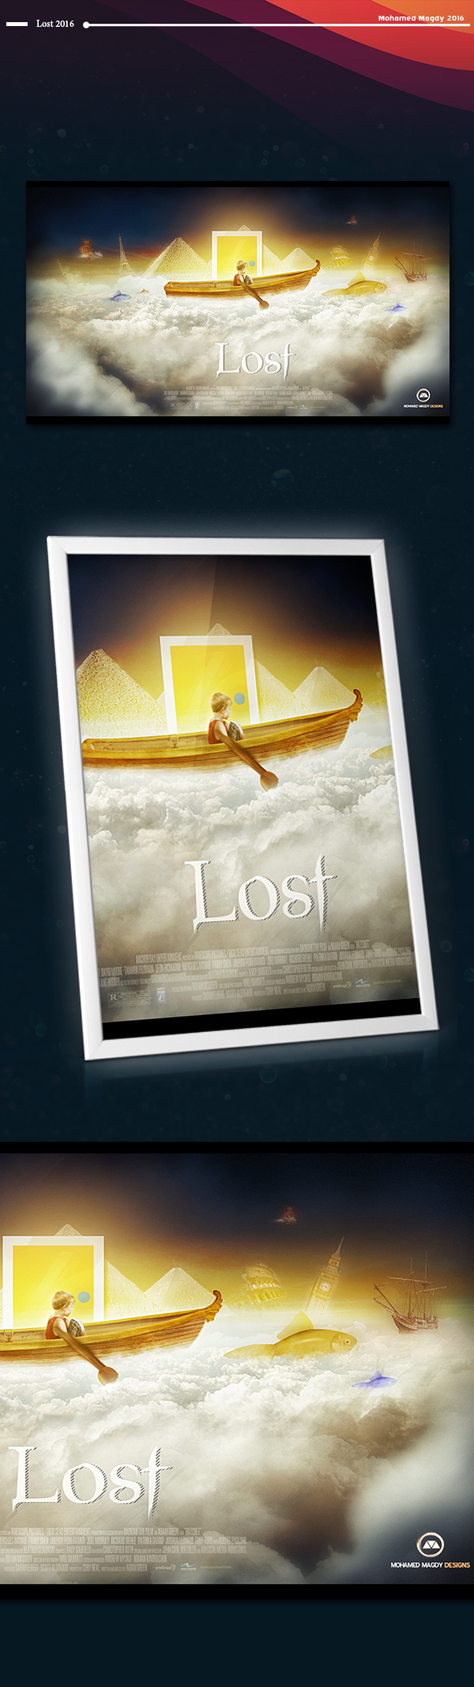 Lost 2016 by mnoso90